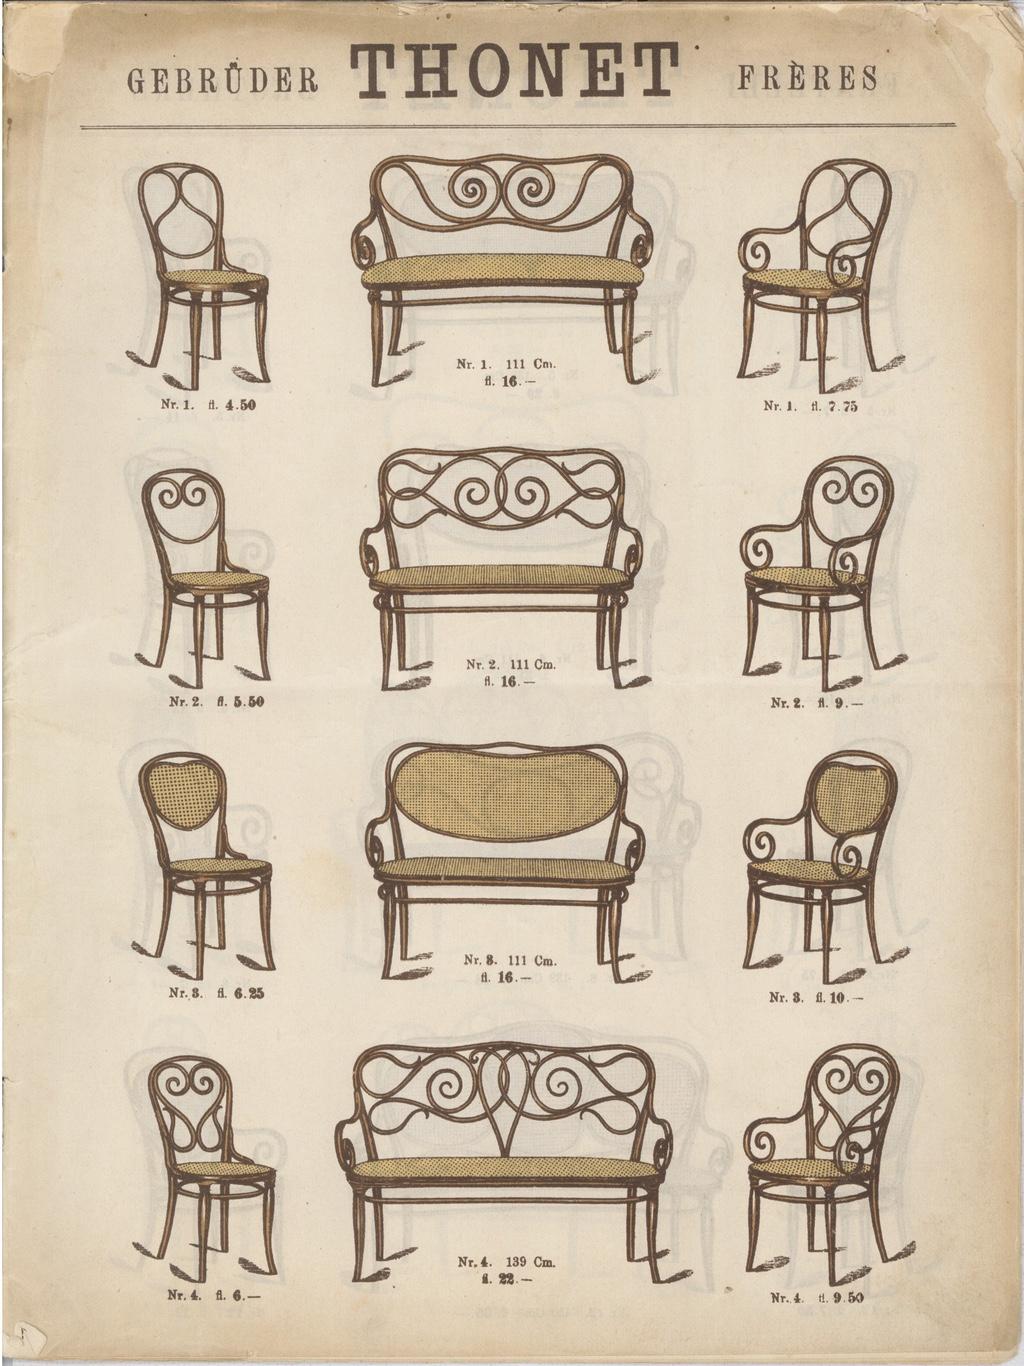 An 1886 Gebruder Thonet catalogue via Museum of Bonnard.